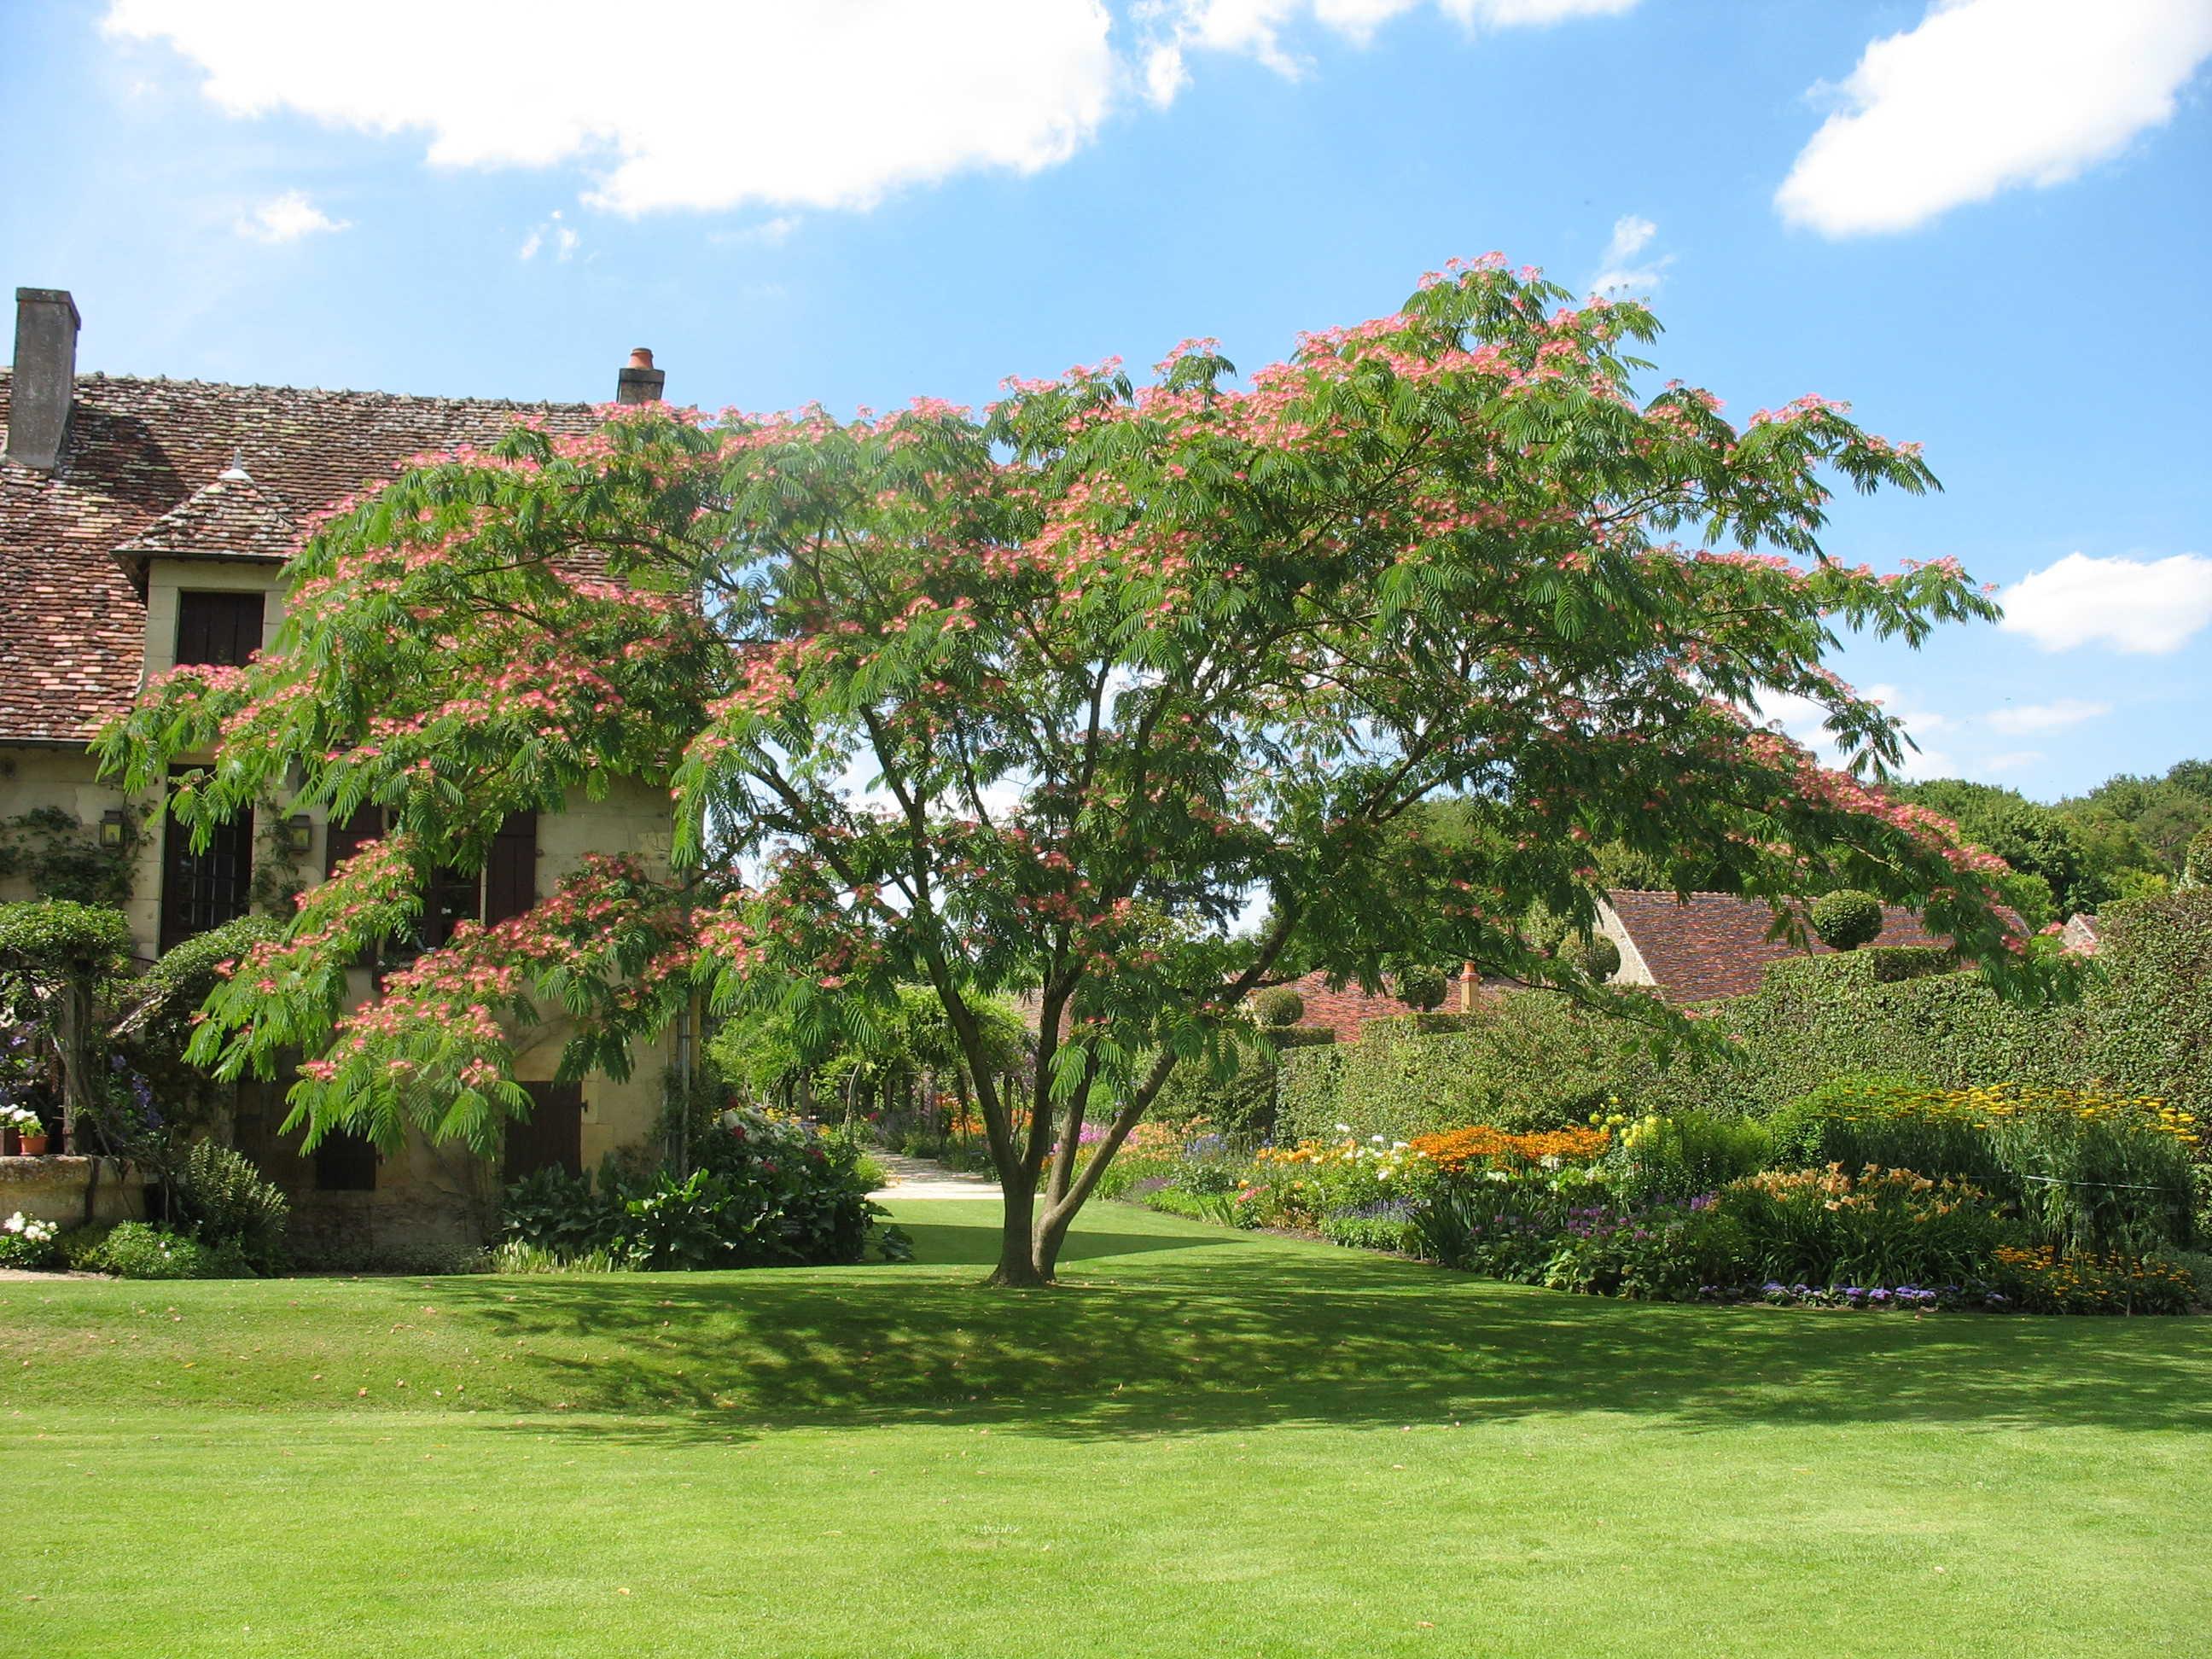 Parc floral d 39 apremont sur allier un jardin remarquable for Jardin remarquable